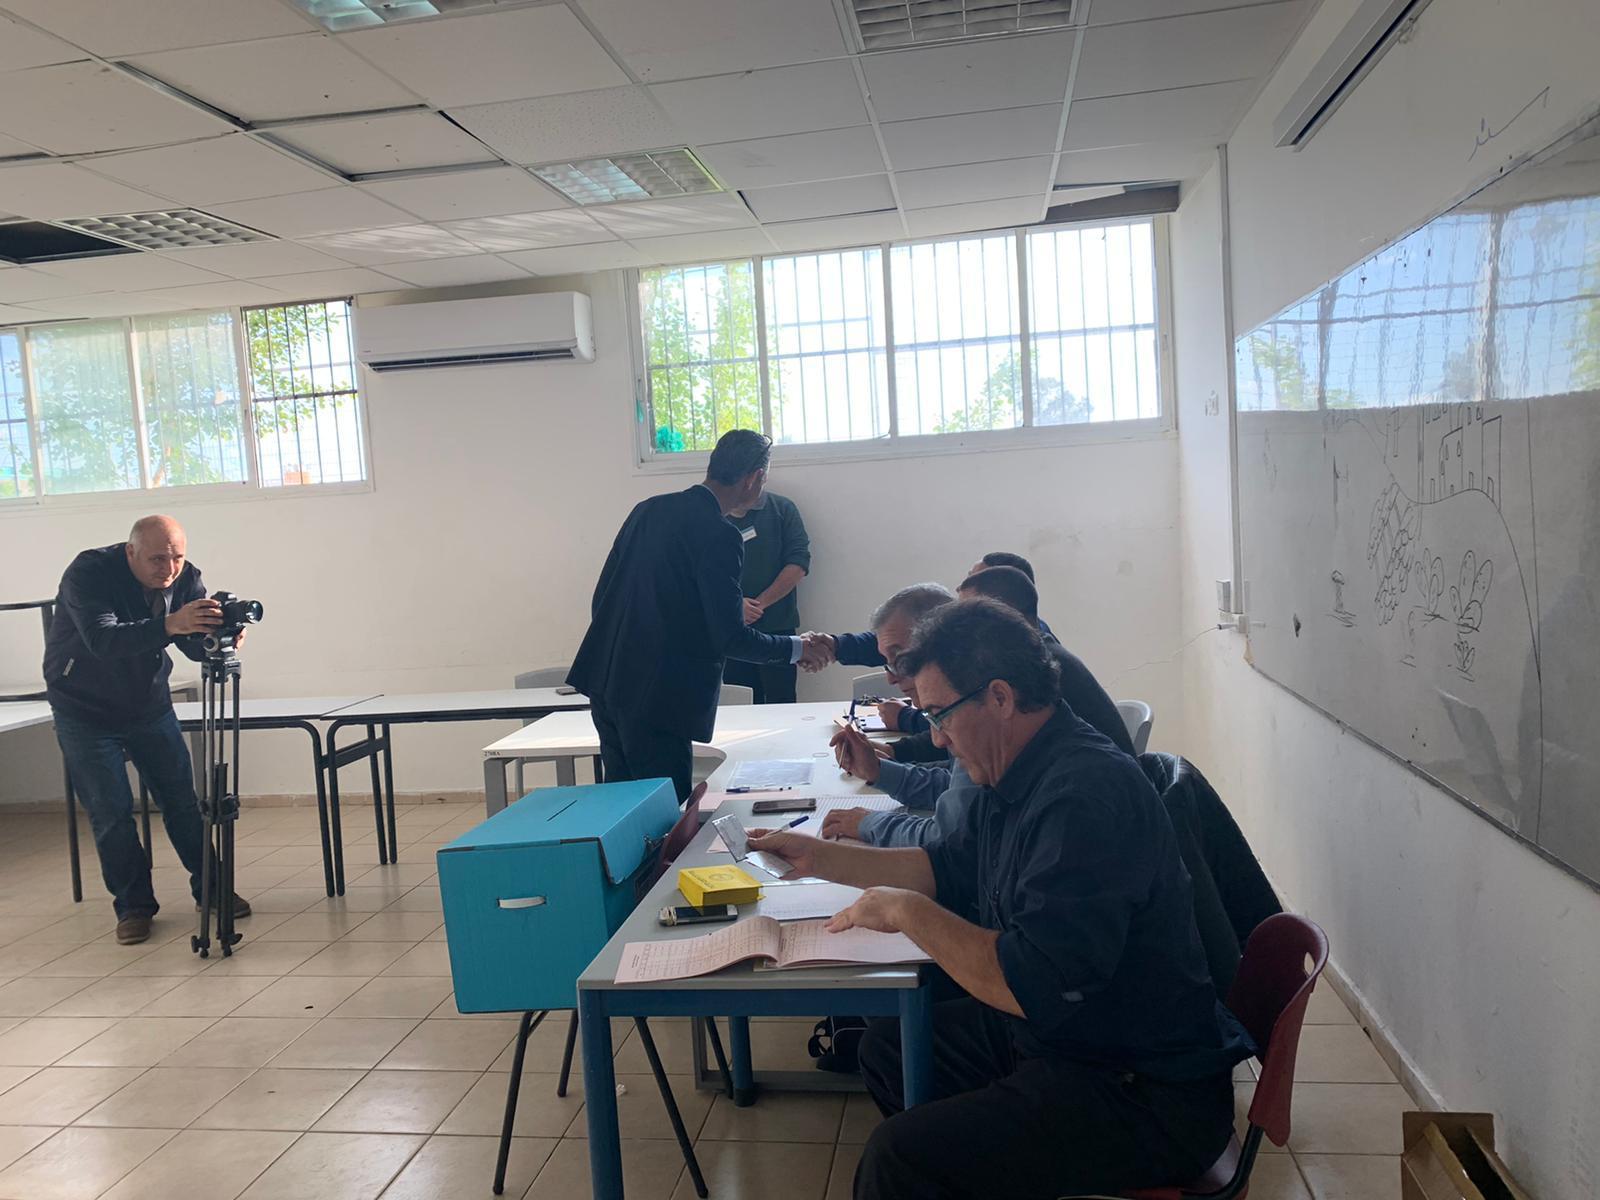 باقة الغربية: انتخاب رئيس للبلدية في الجولة الثانية اليوم